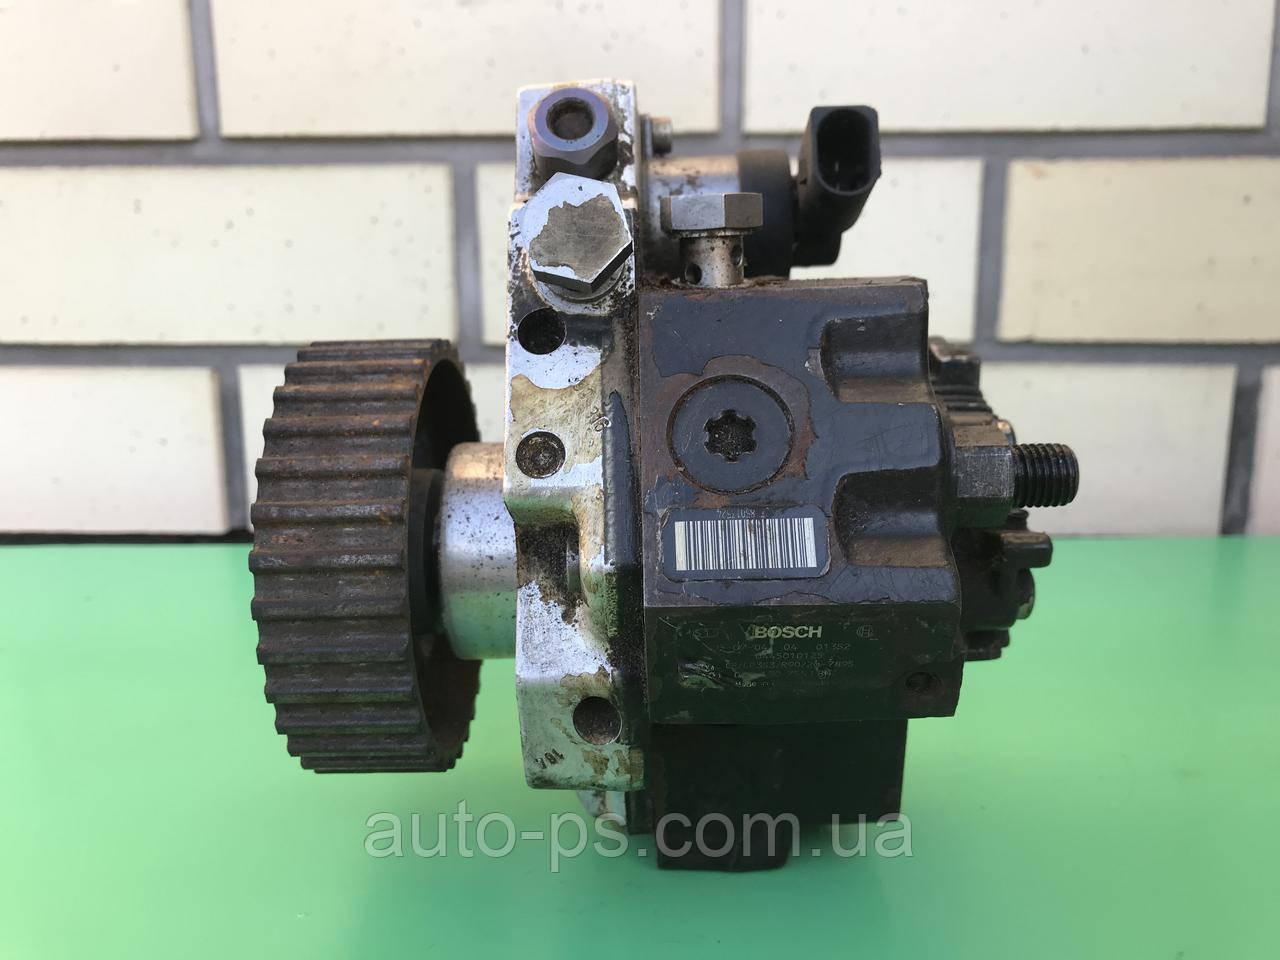 Топливный насос высокого давления (ТНВД) Audi A8 3.0TDI 2003-2010 год